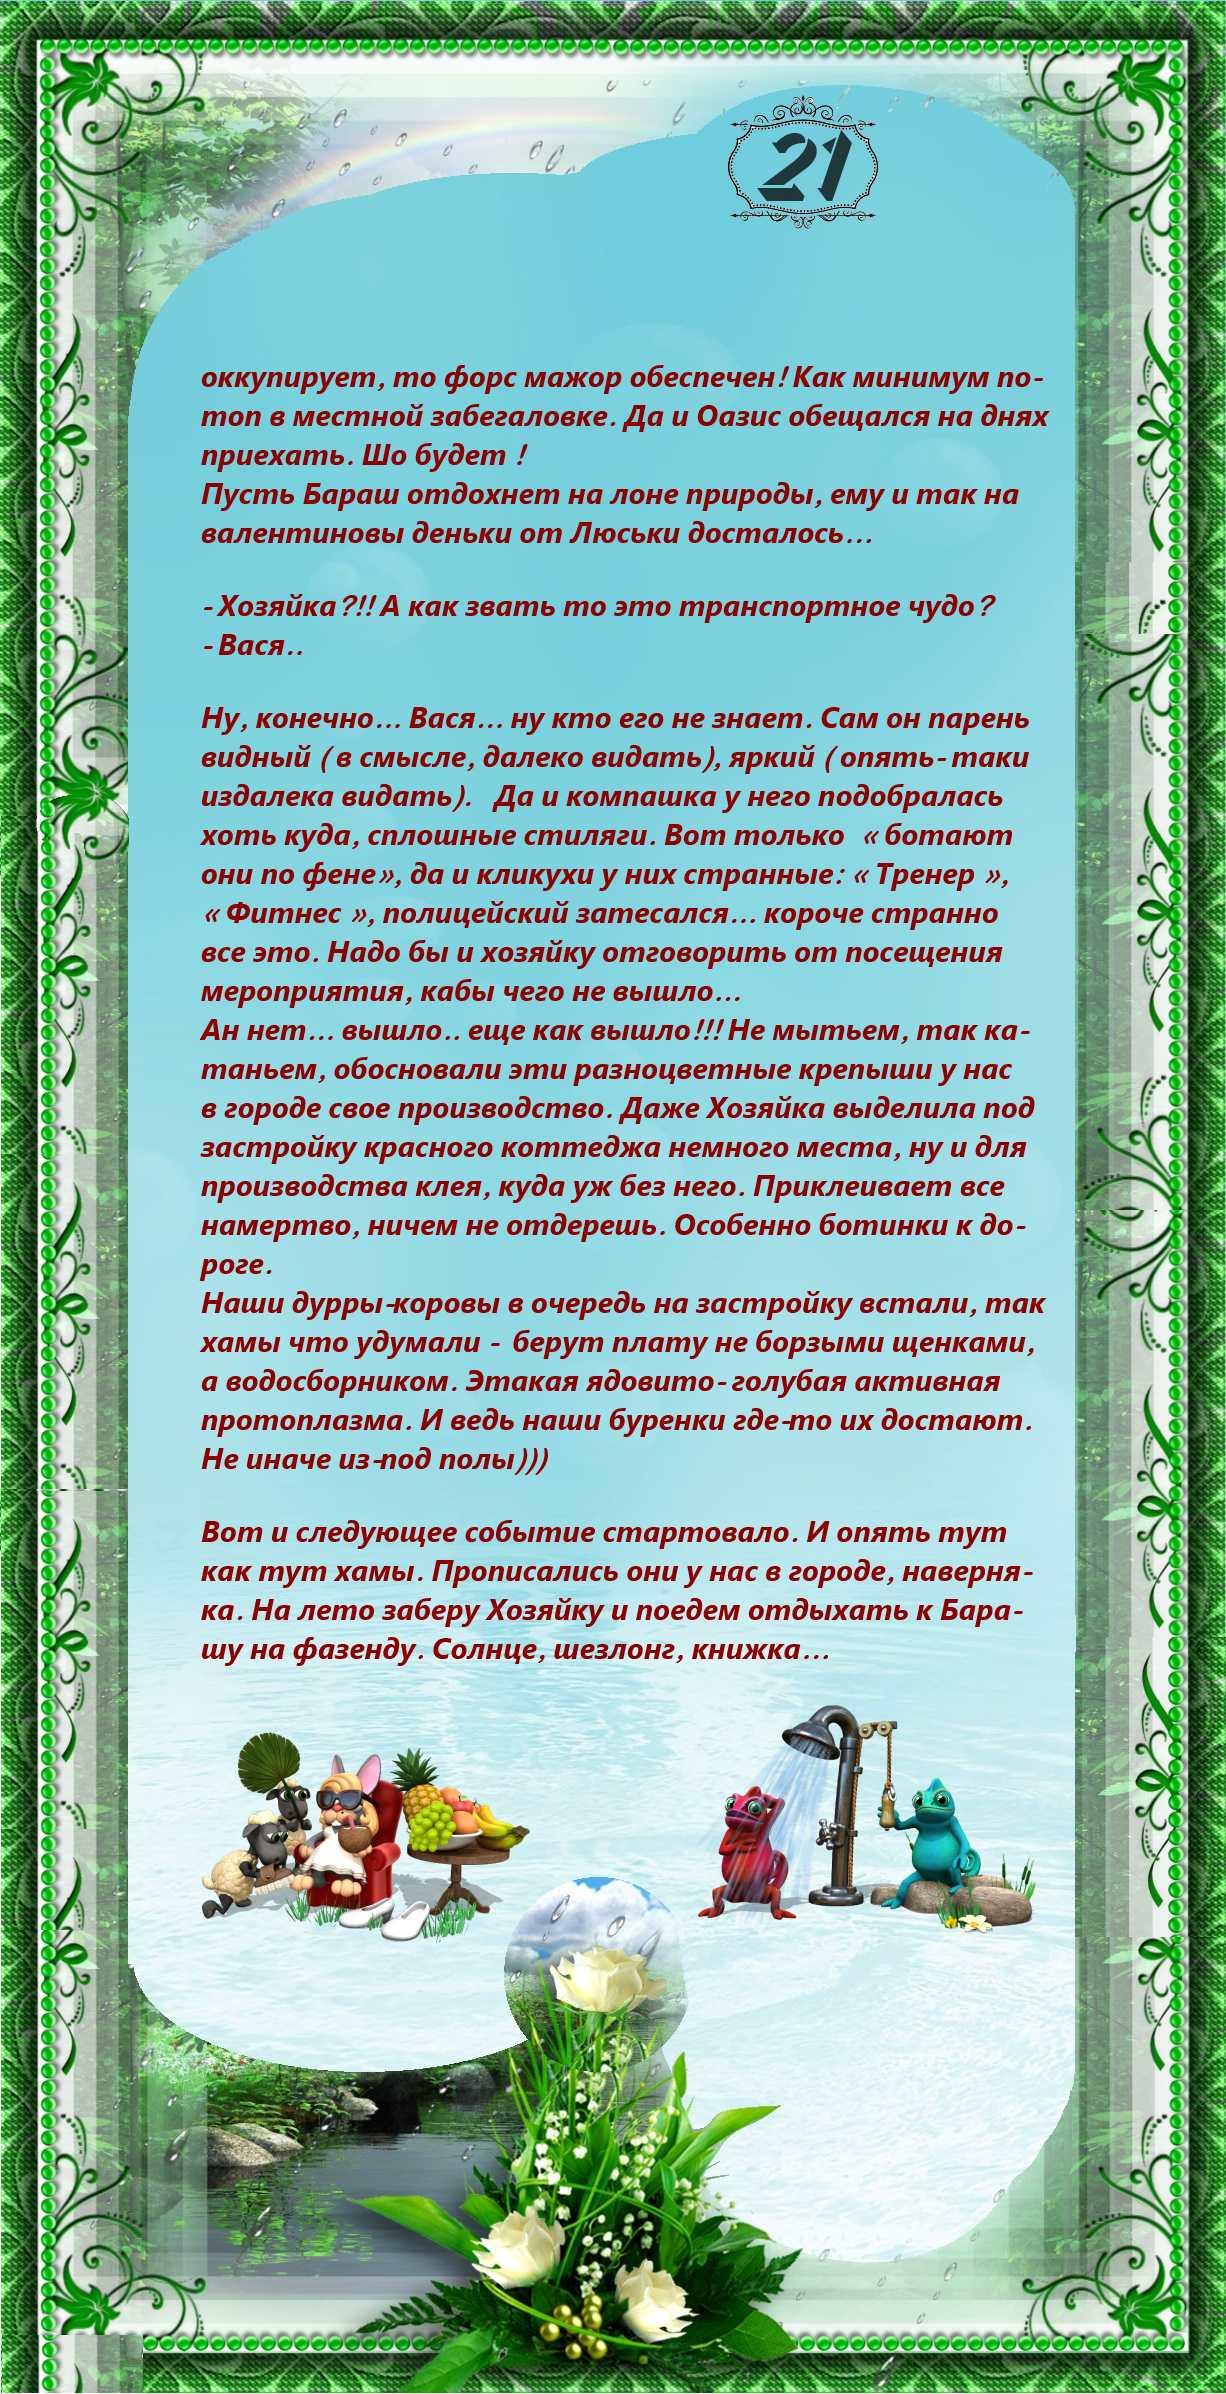 про жабу (стр. 21).jpg